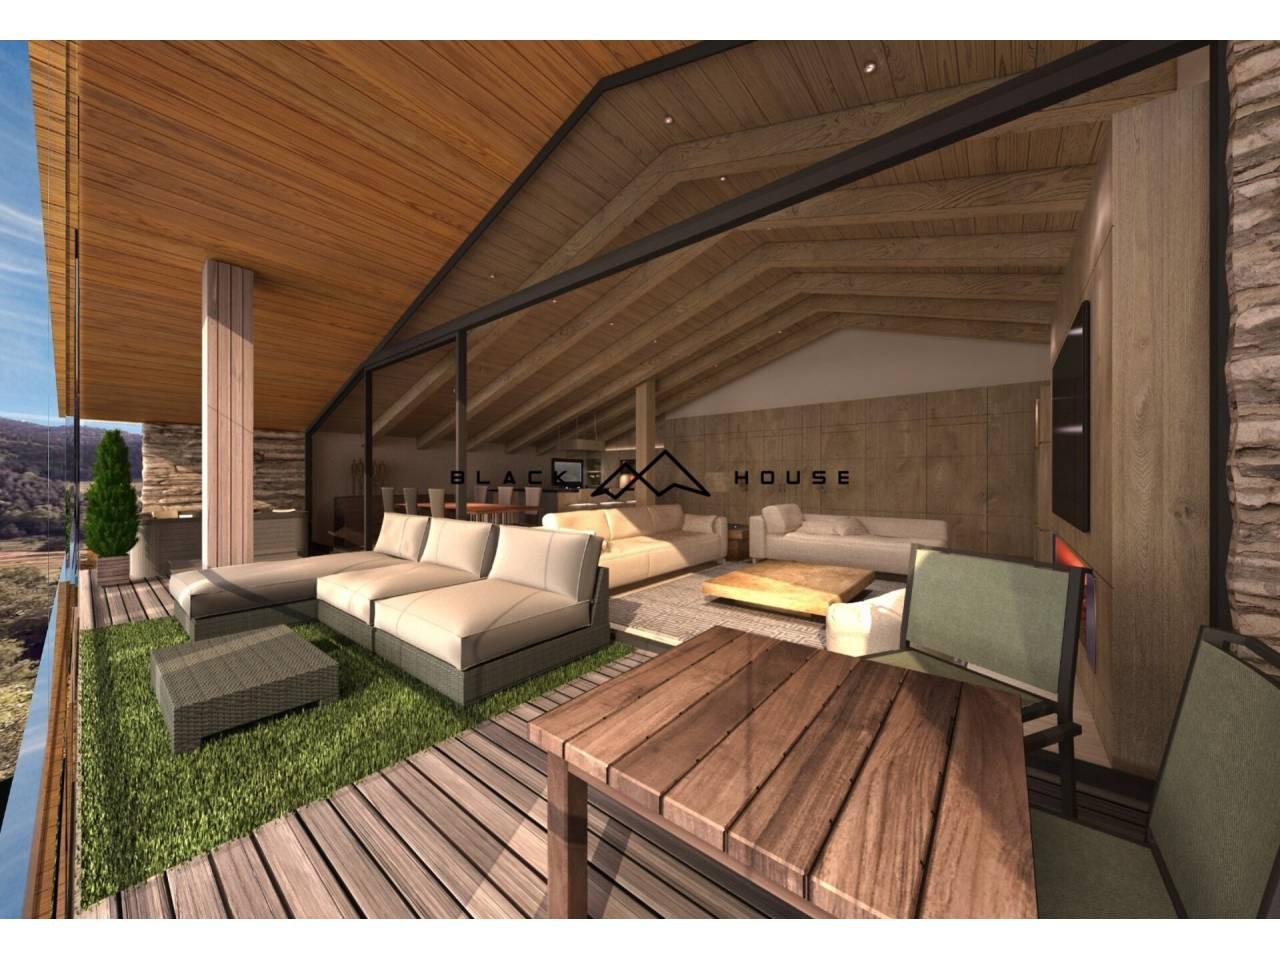 Exclusiu àtic d'obra nova per a vendre a privilegiada zona del Tarter, amb molt de sol i vistes.